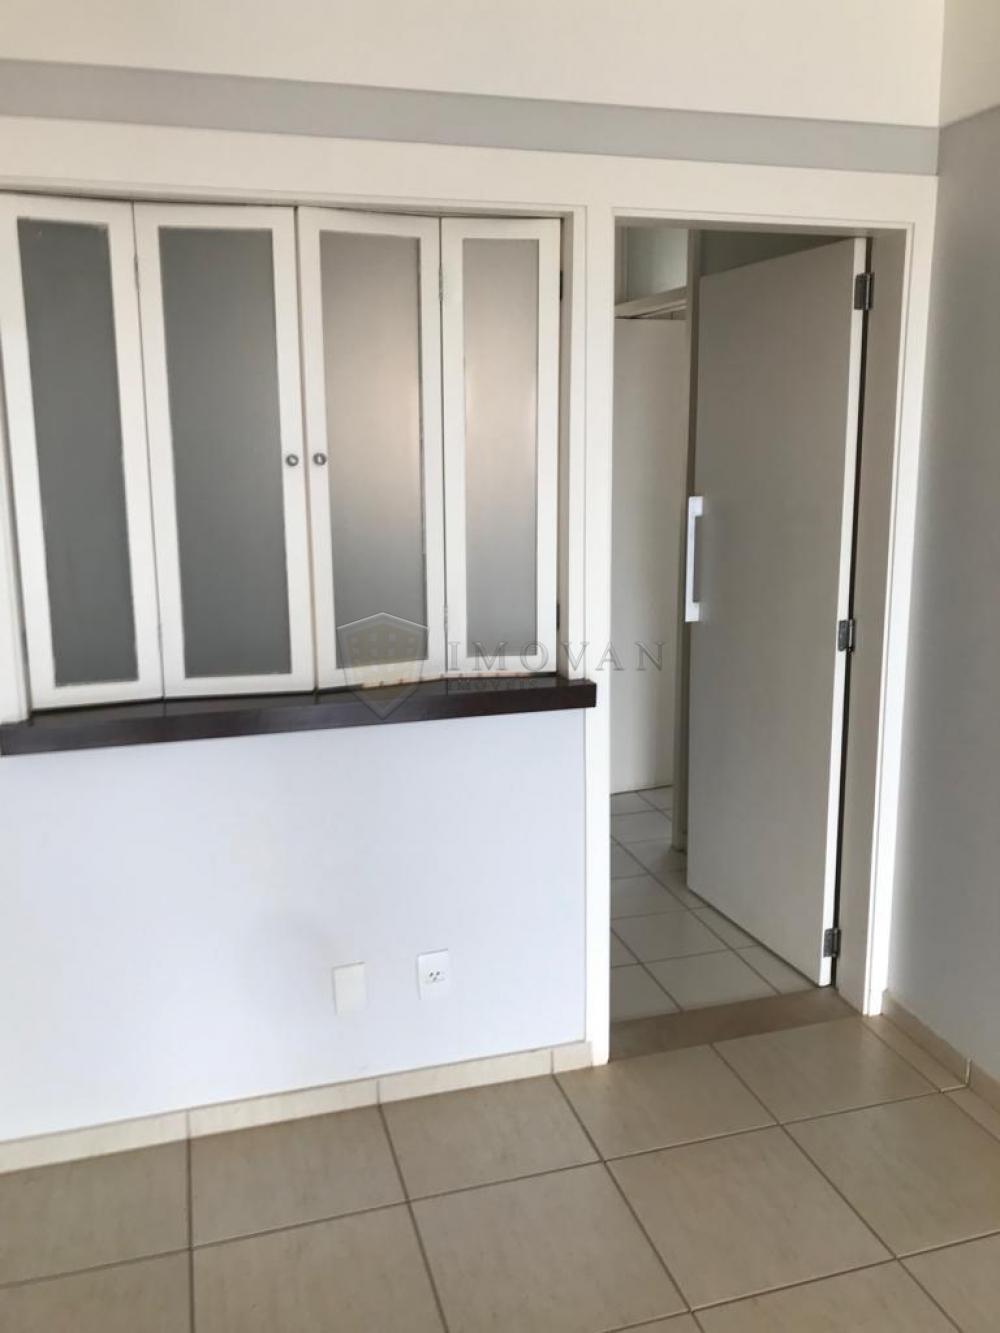 Alugar Apartamento / Padrão em Ribeirão Preto apenas R$ 2.700,00 - Foto 29